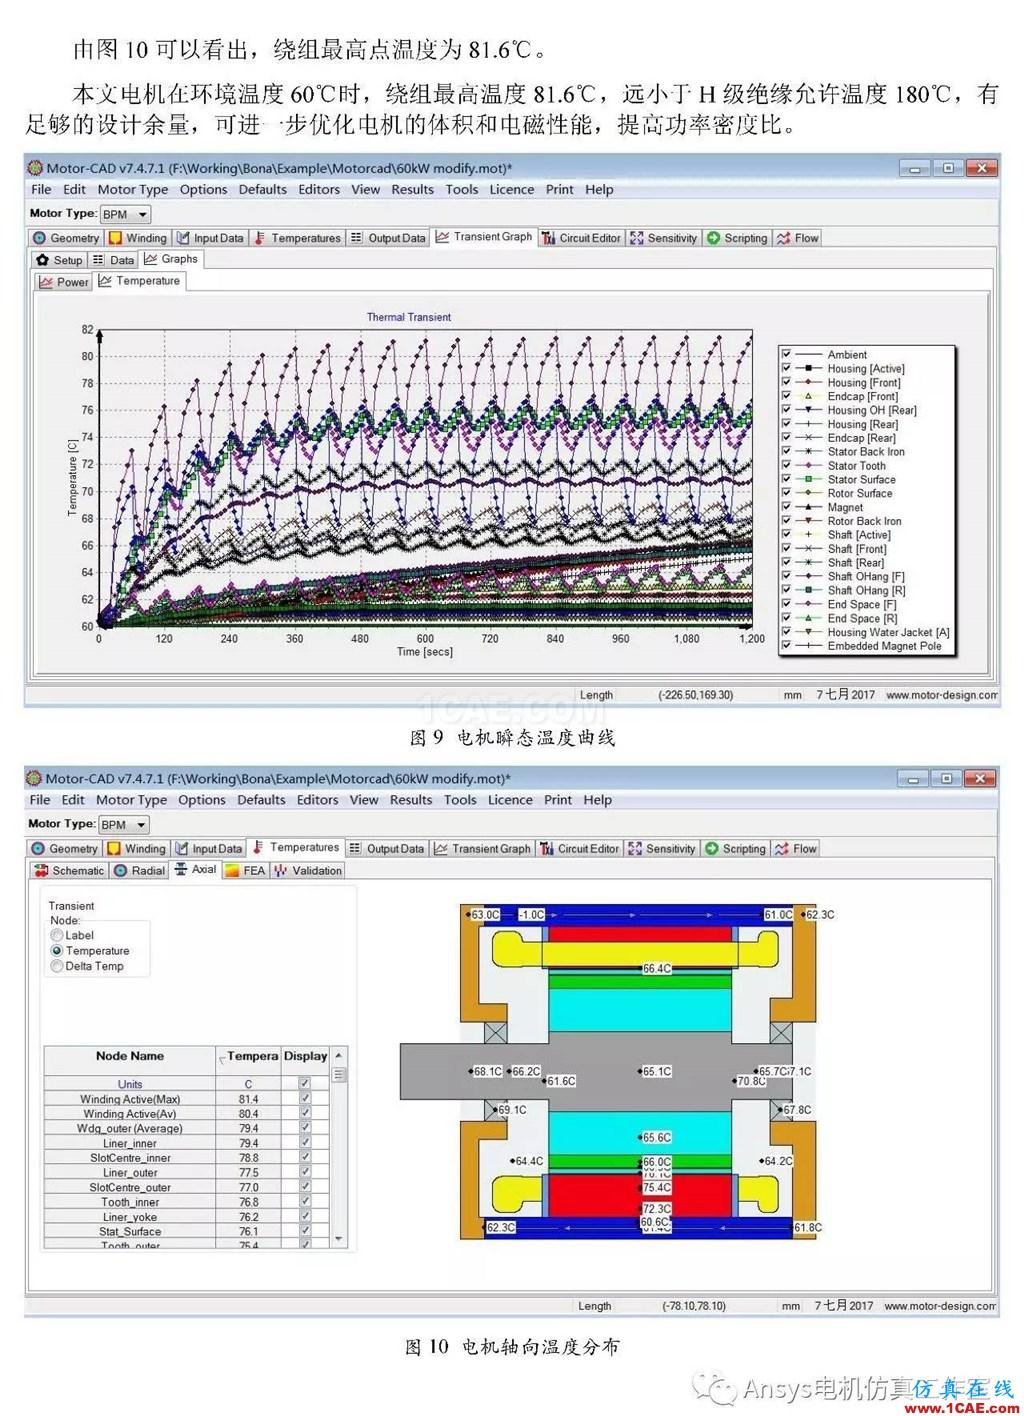 基于RMxprt和Motor-CAD永磁电机温升速算方法Maxwell培训教程图片9